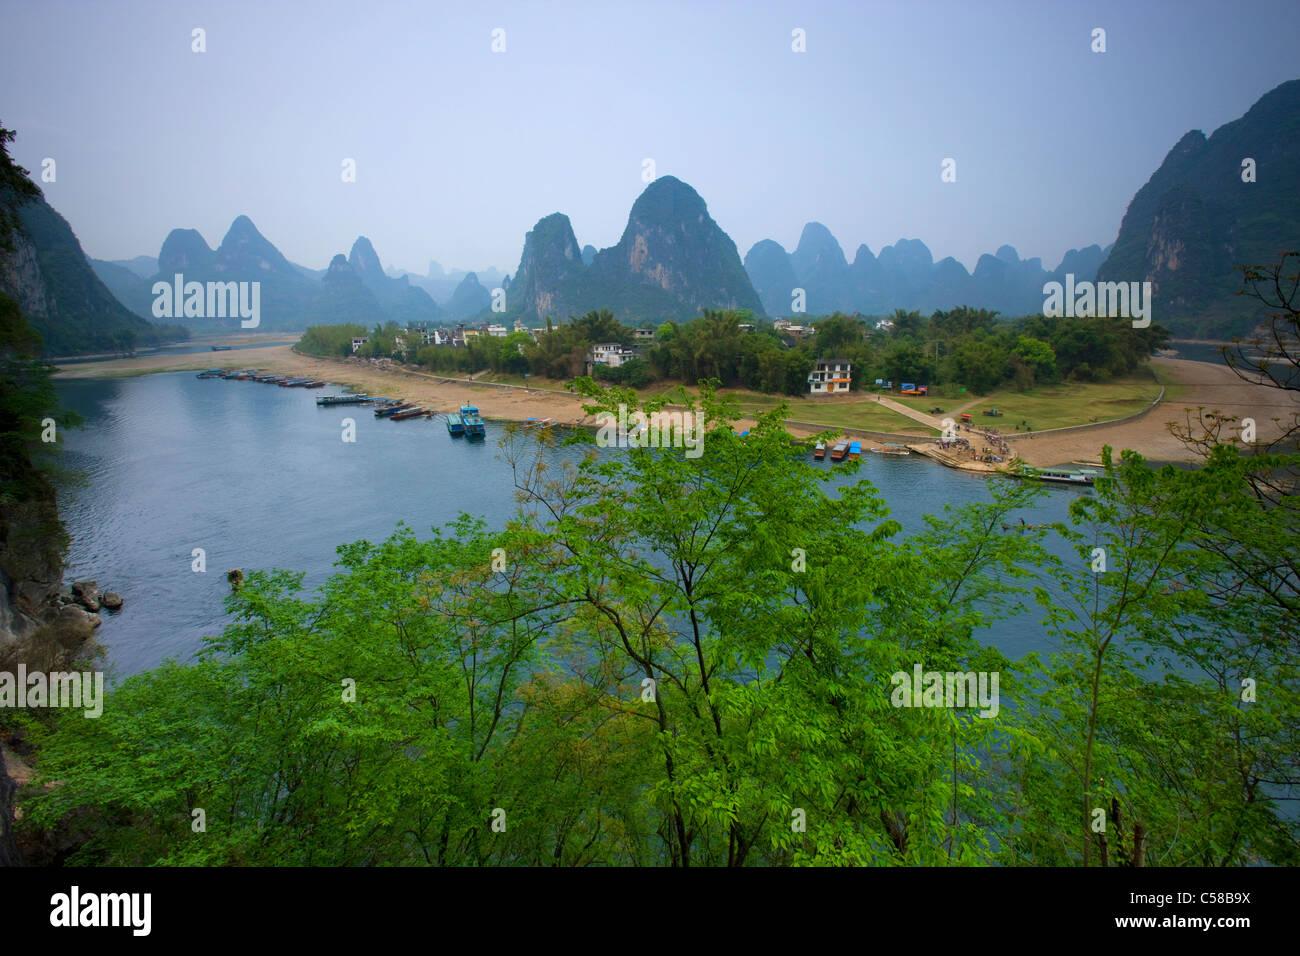 Li River, China, Asien, Fluss, Fluss, Flussschleife, Dorf, Boote, Berge, Karst, Karstlandschaft, Bäume Stockbild